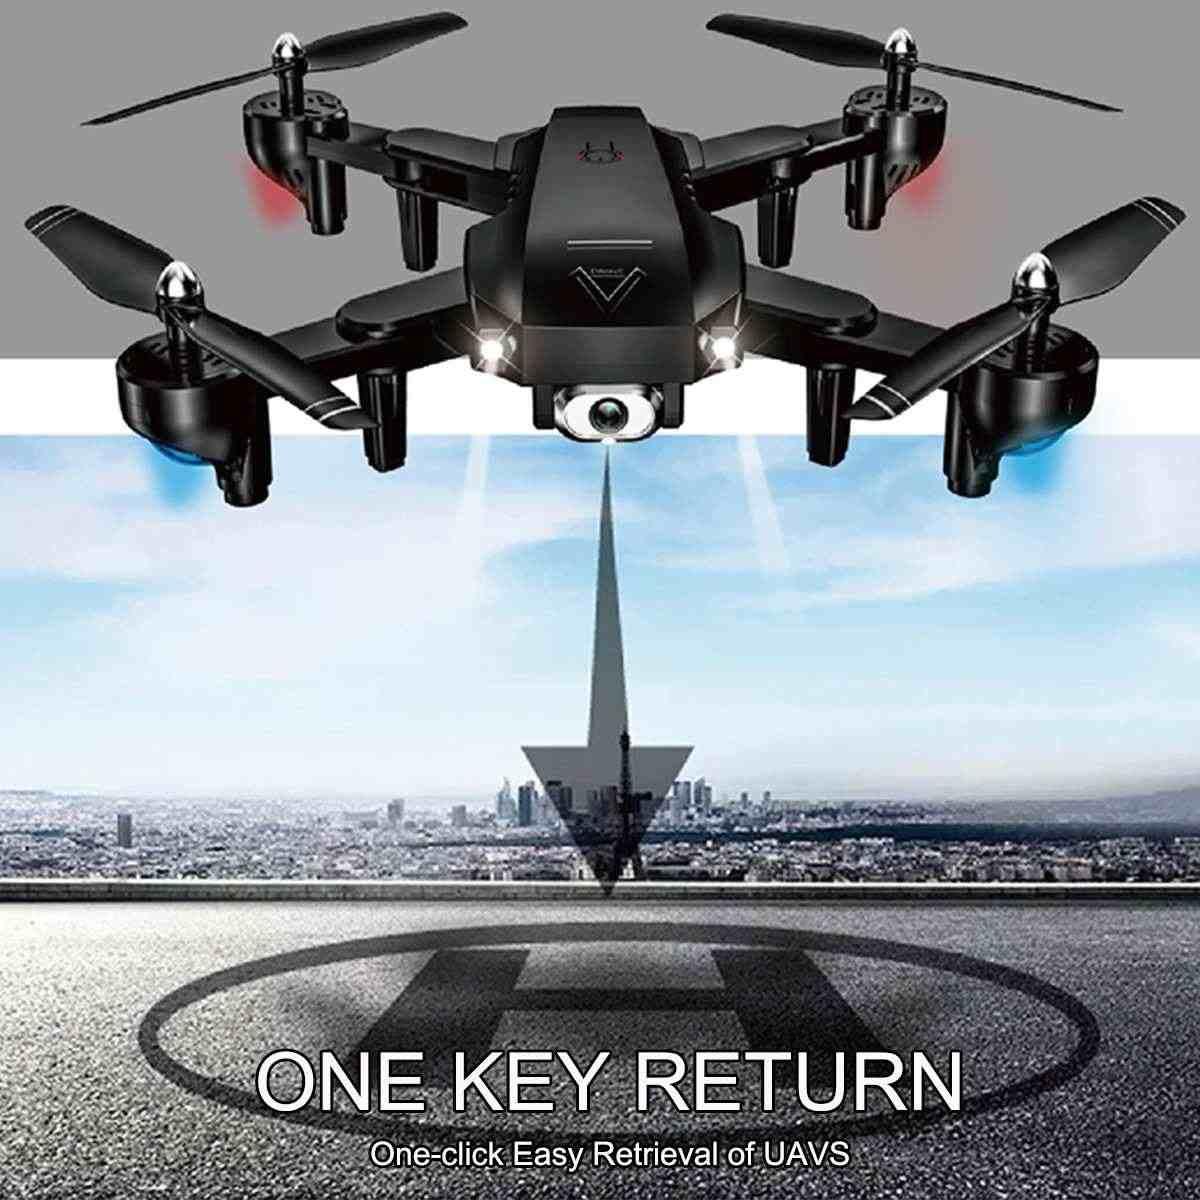 1080P RC เฮลิคอปเตอร์ Drone กล้อง Drone Rc เฮลิคอปเตอร์กล้อง 2.4G กระแสเงินสดตำแหน่ง Drone กล้อง